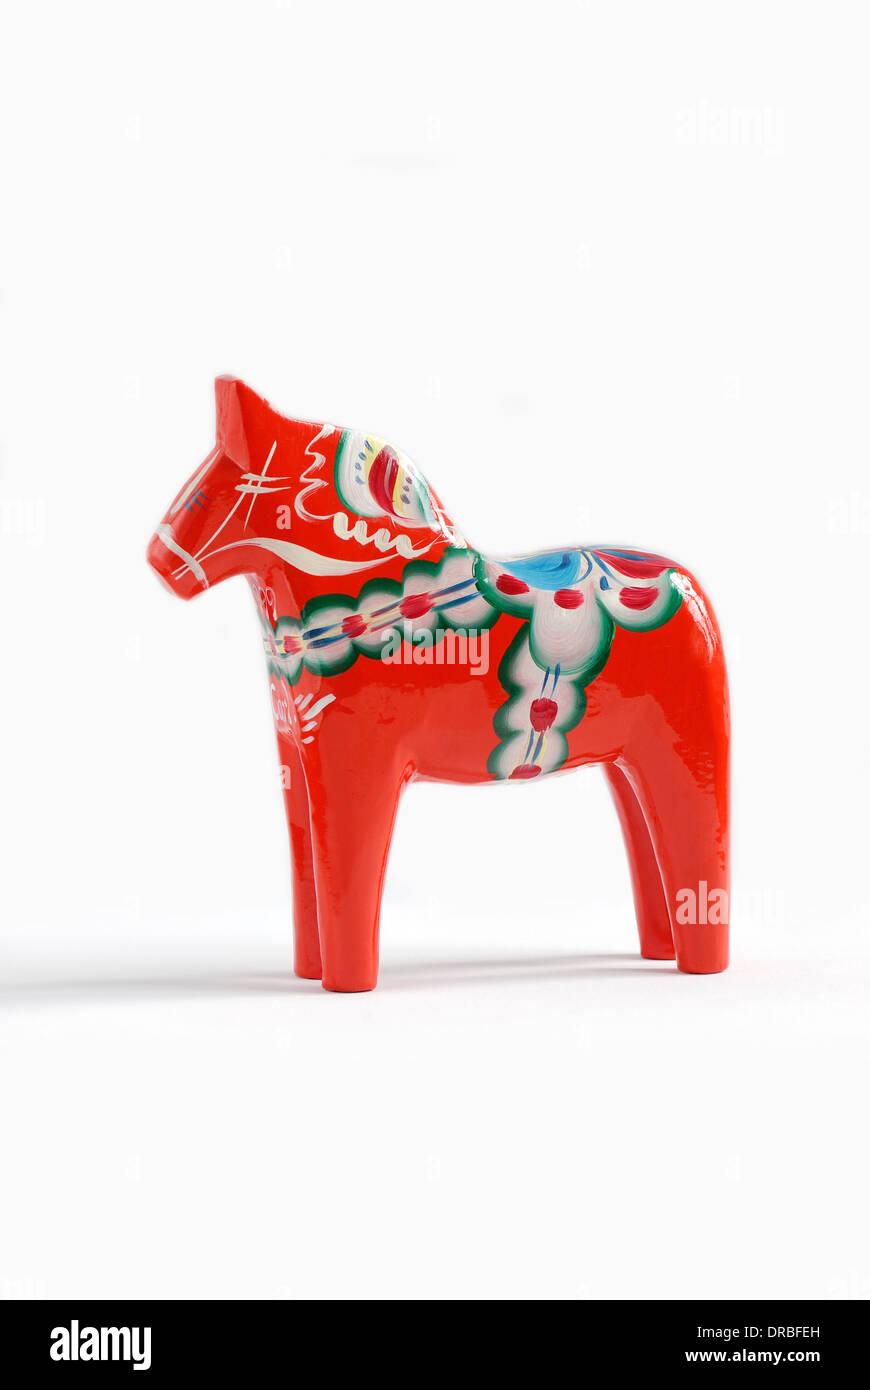 Swedish dalahorse - Stock Image